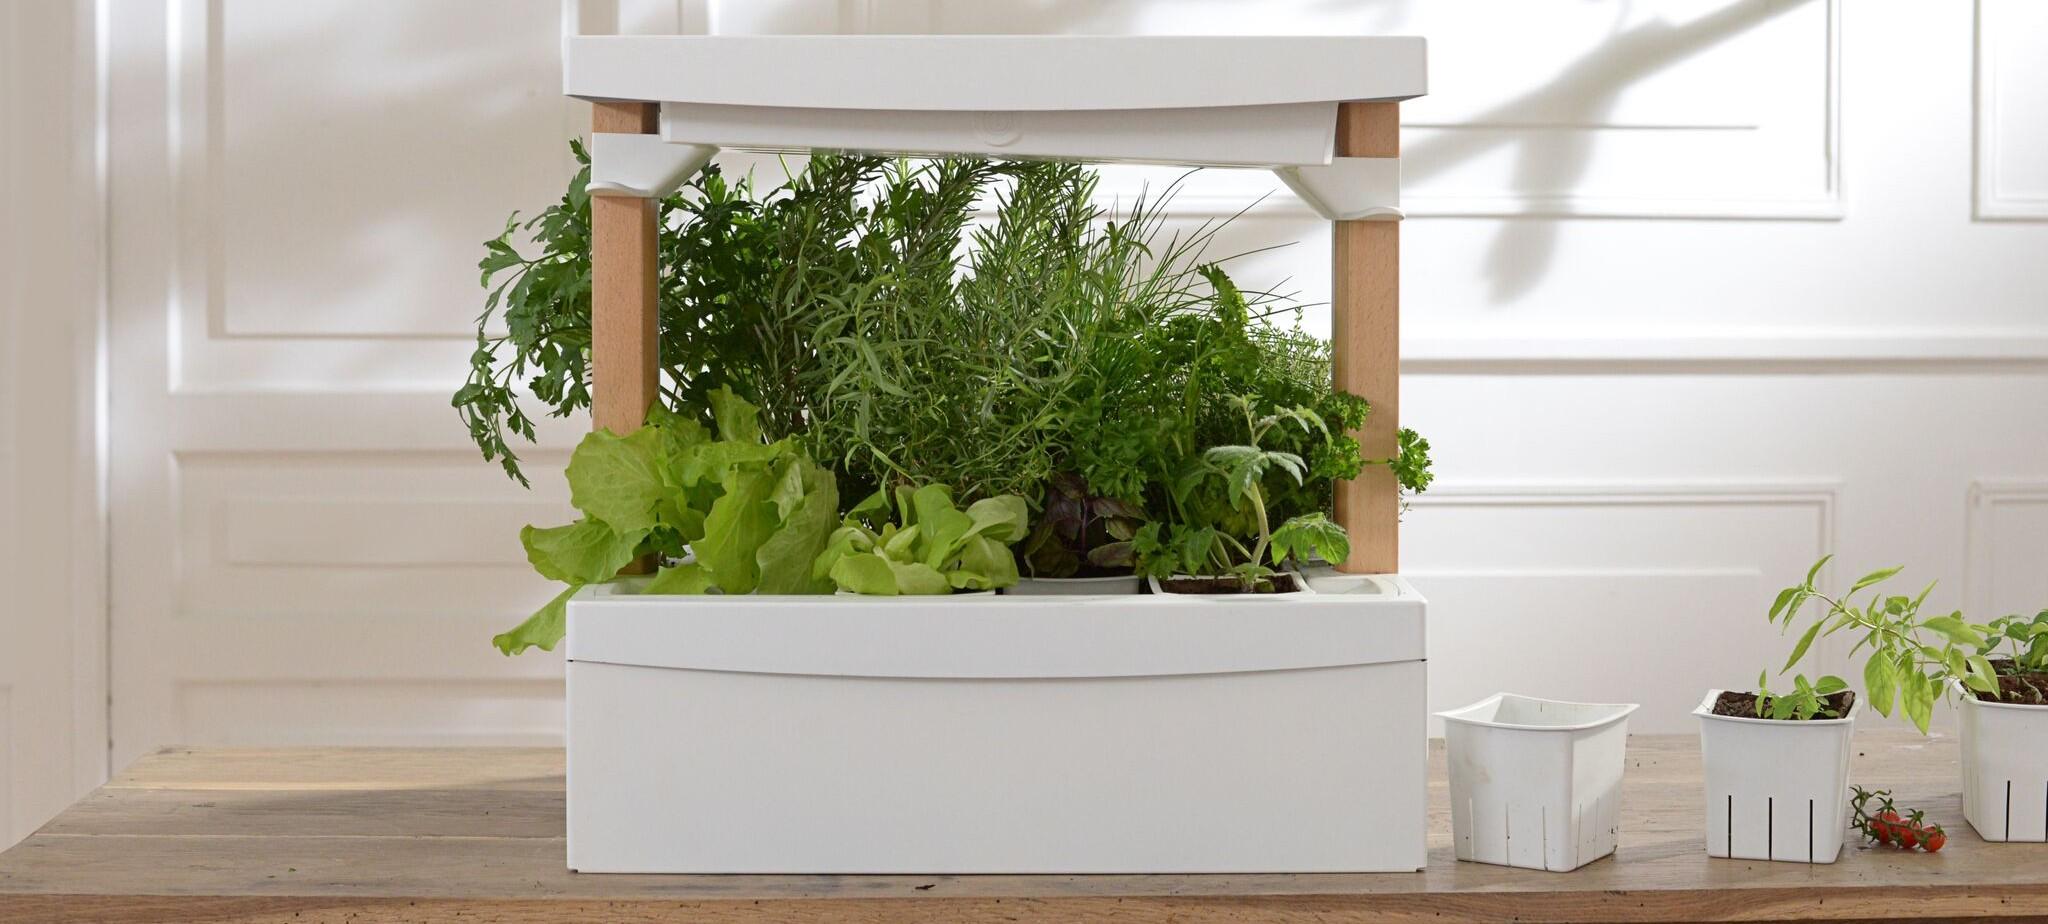 fresh square le potager d 39 int rieur autonome weblife. Black Bedroom Furniture Sets. Home Design Ideas